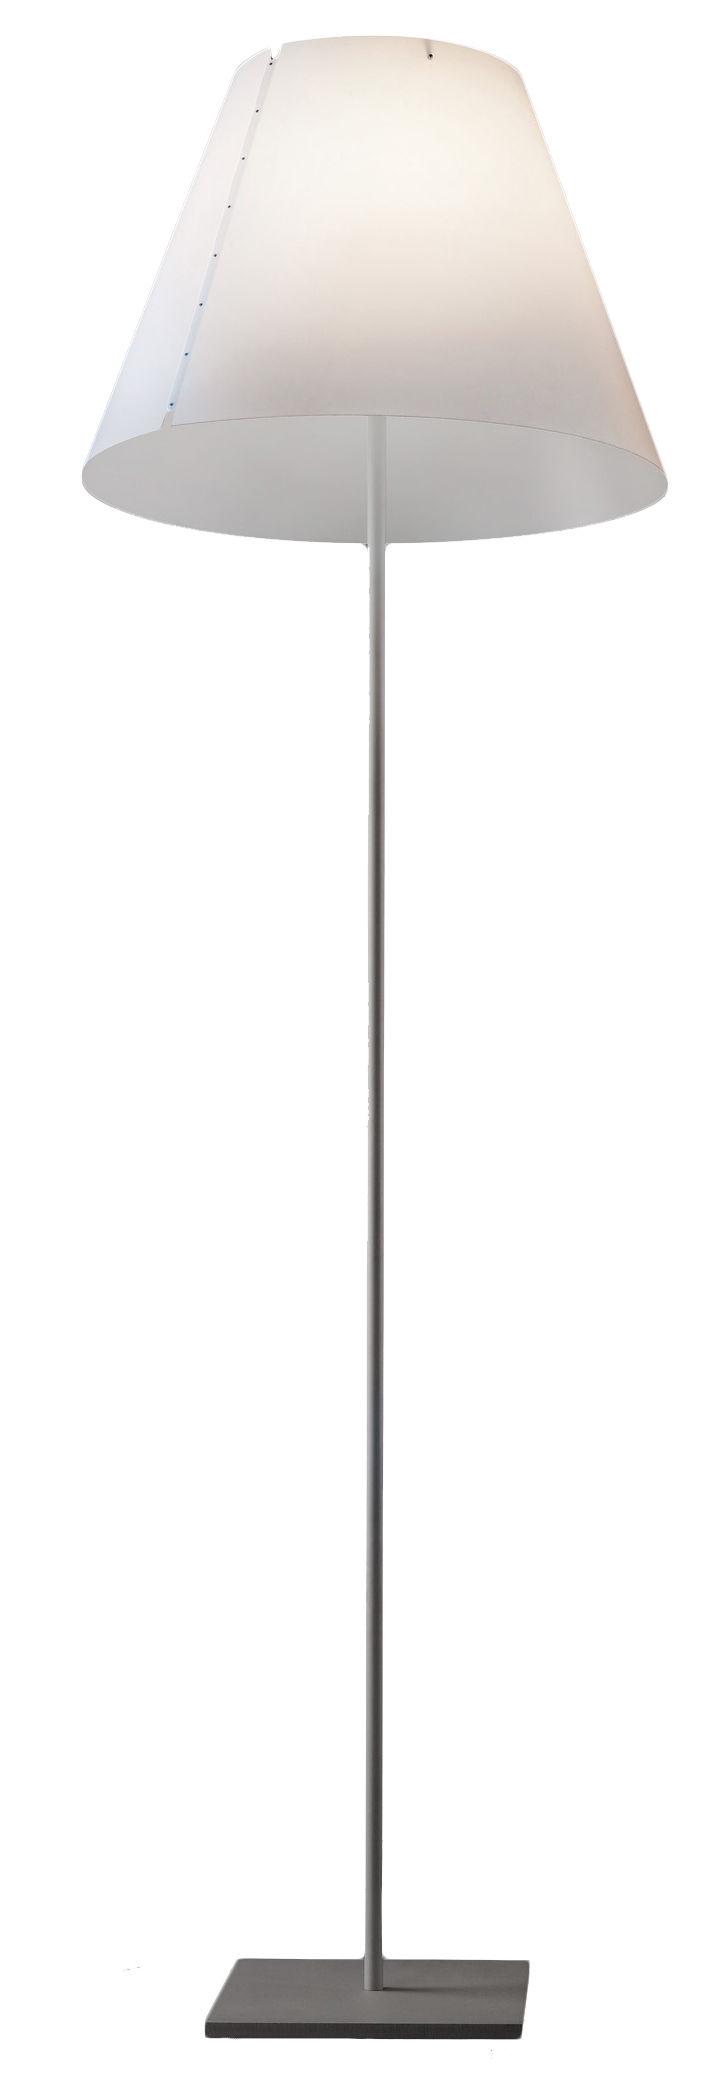 Leuchten - Stehleuchten - Grande Costanza Stehleuchte - Luceplan - Aluminium - Weiß - Aluminium